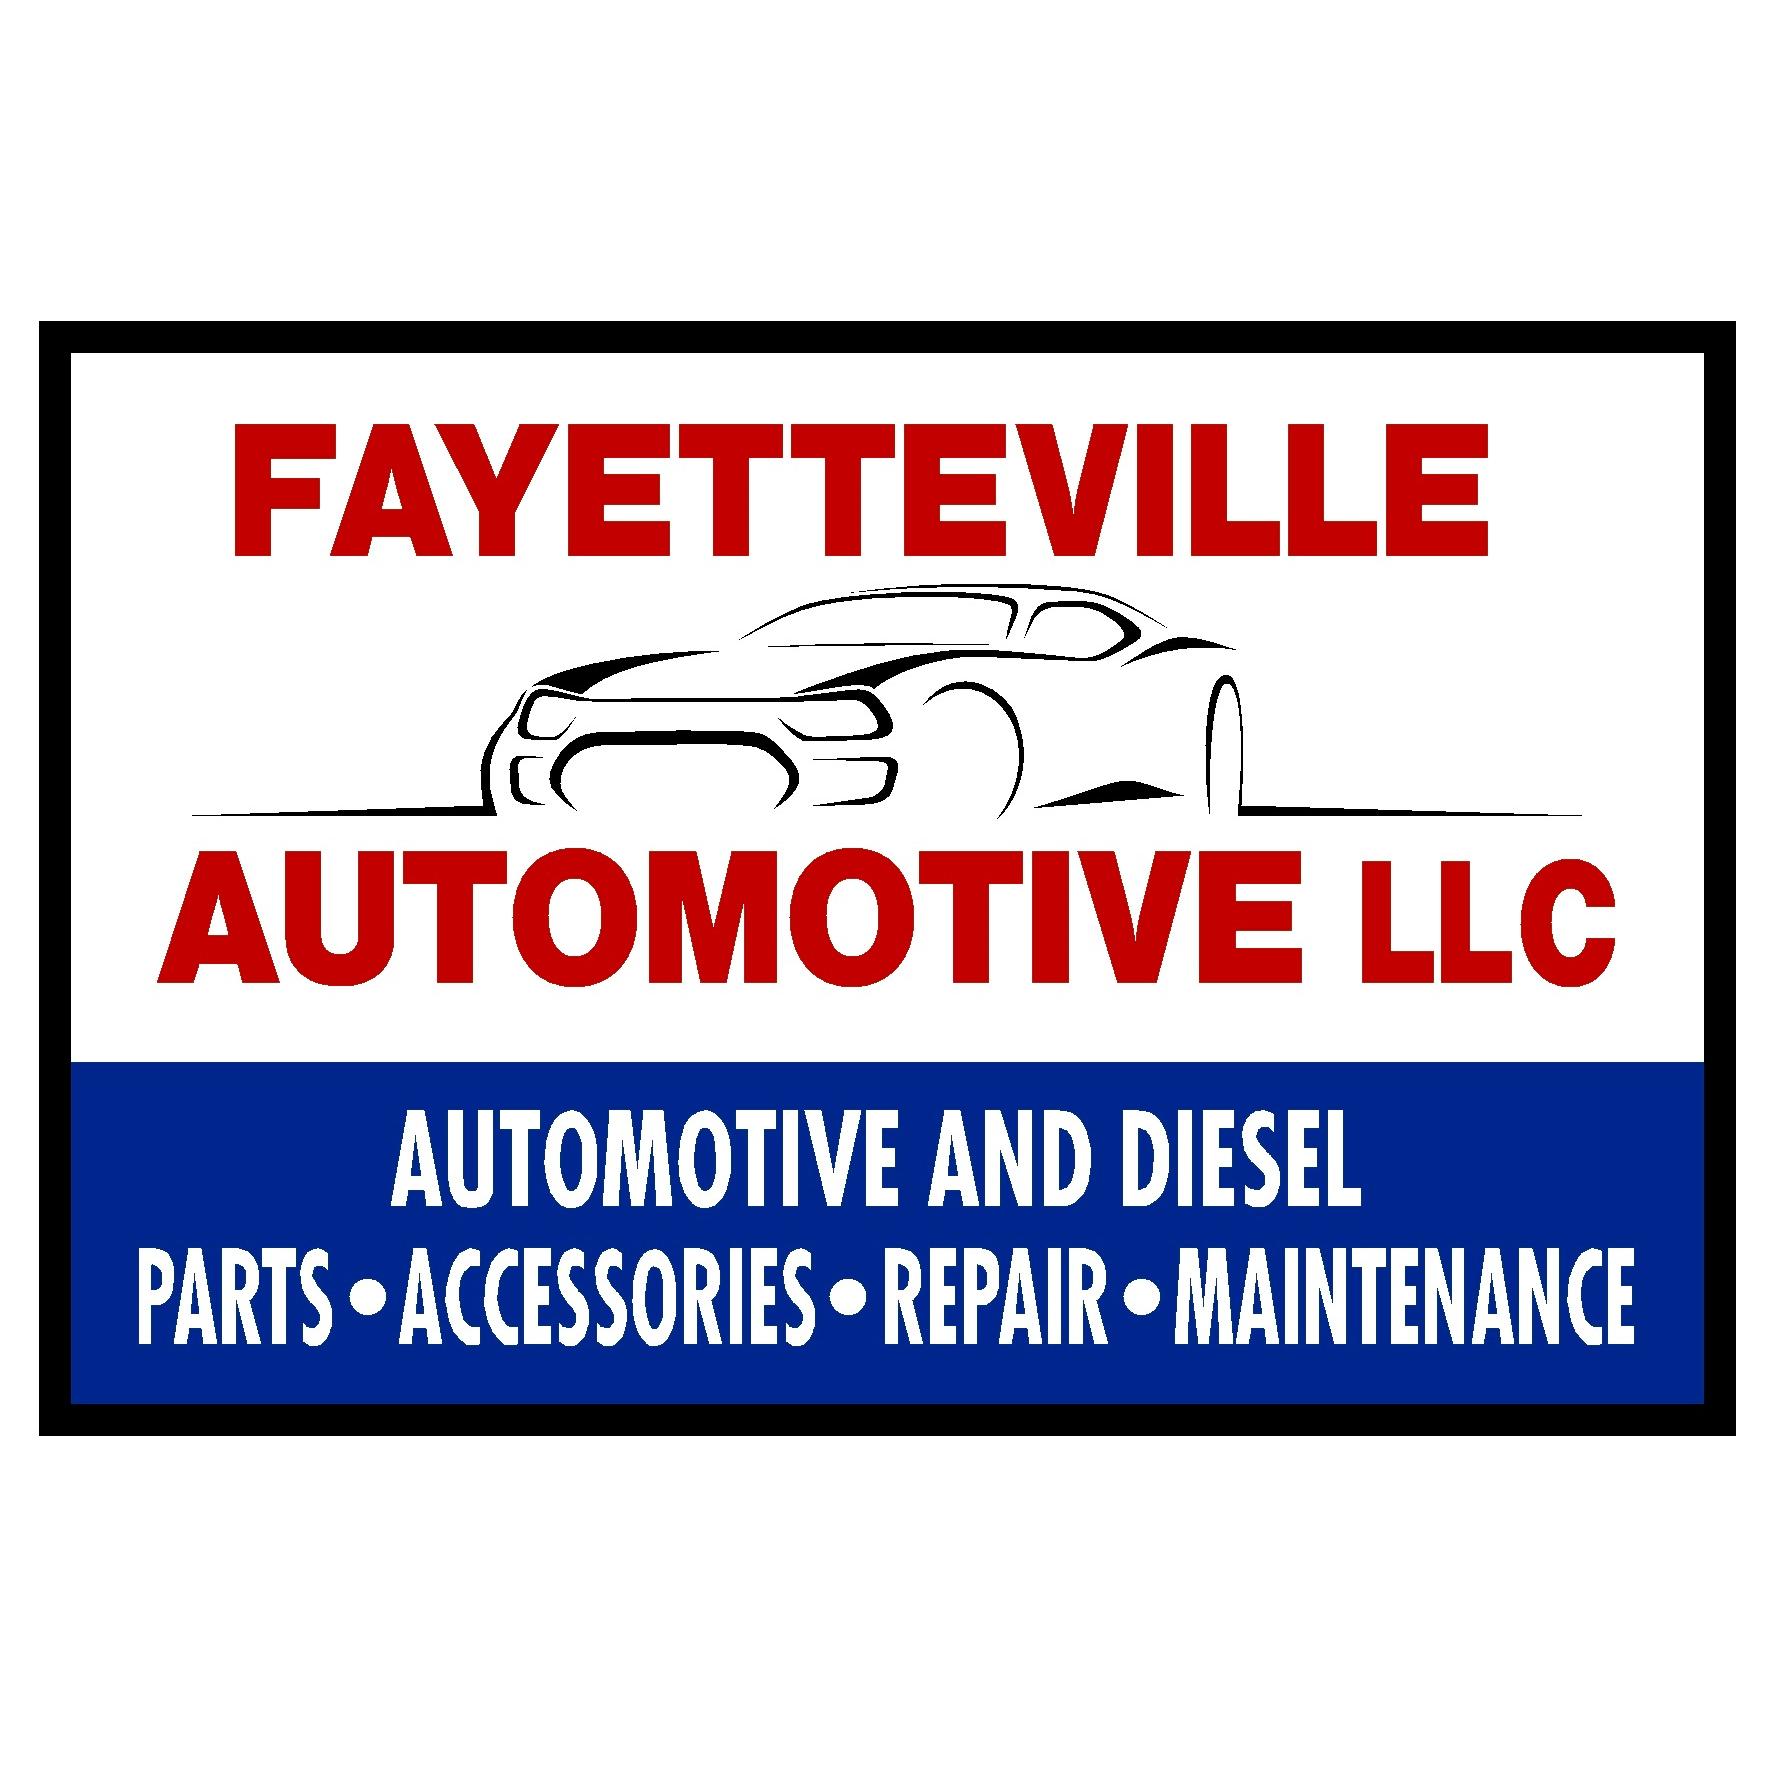 Fayetteville Automotive